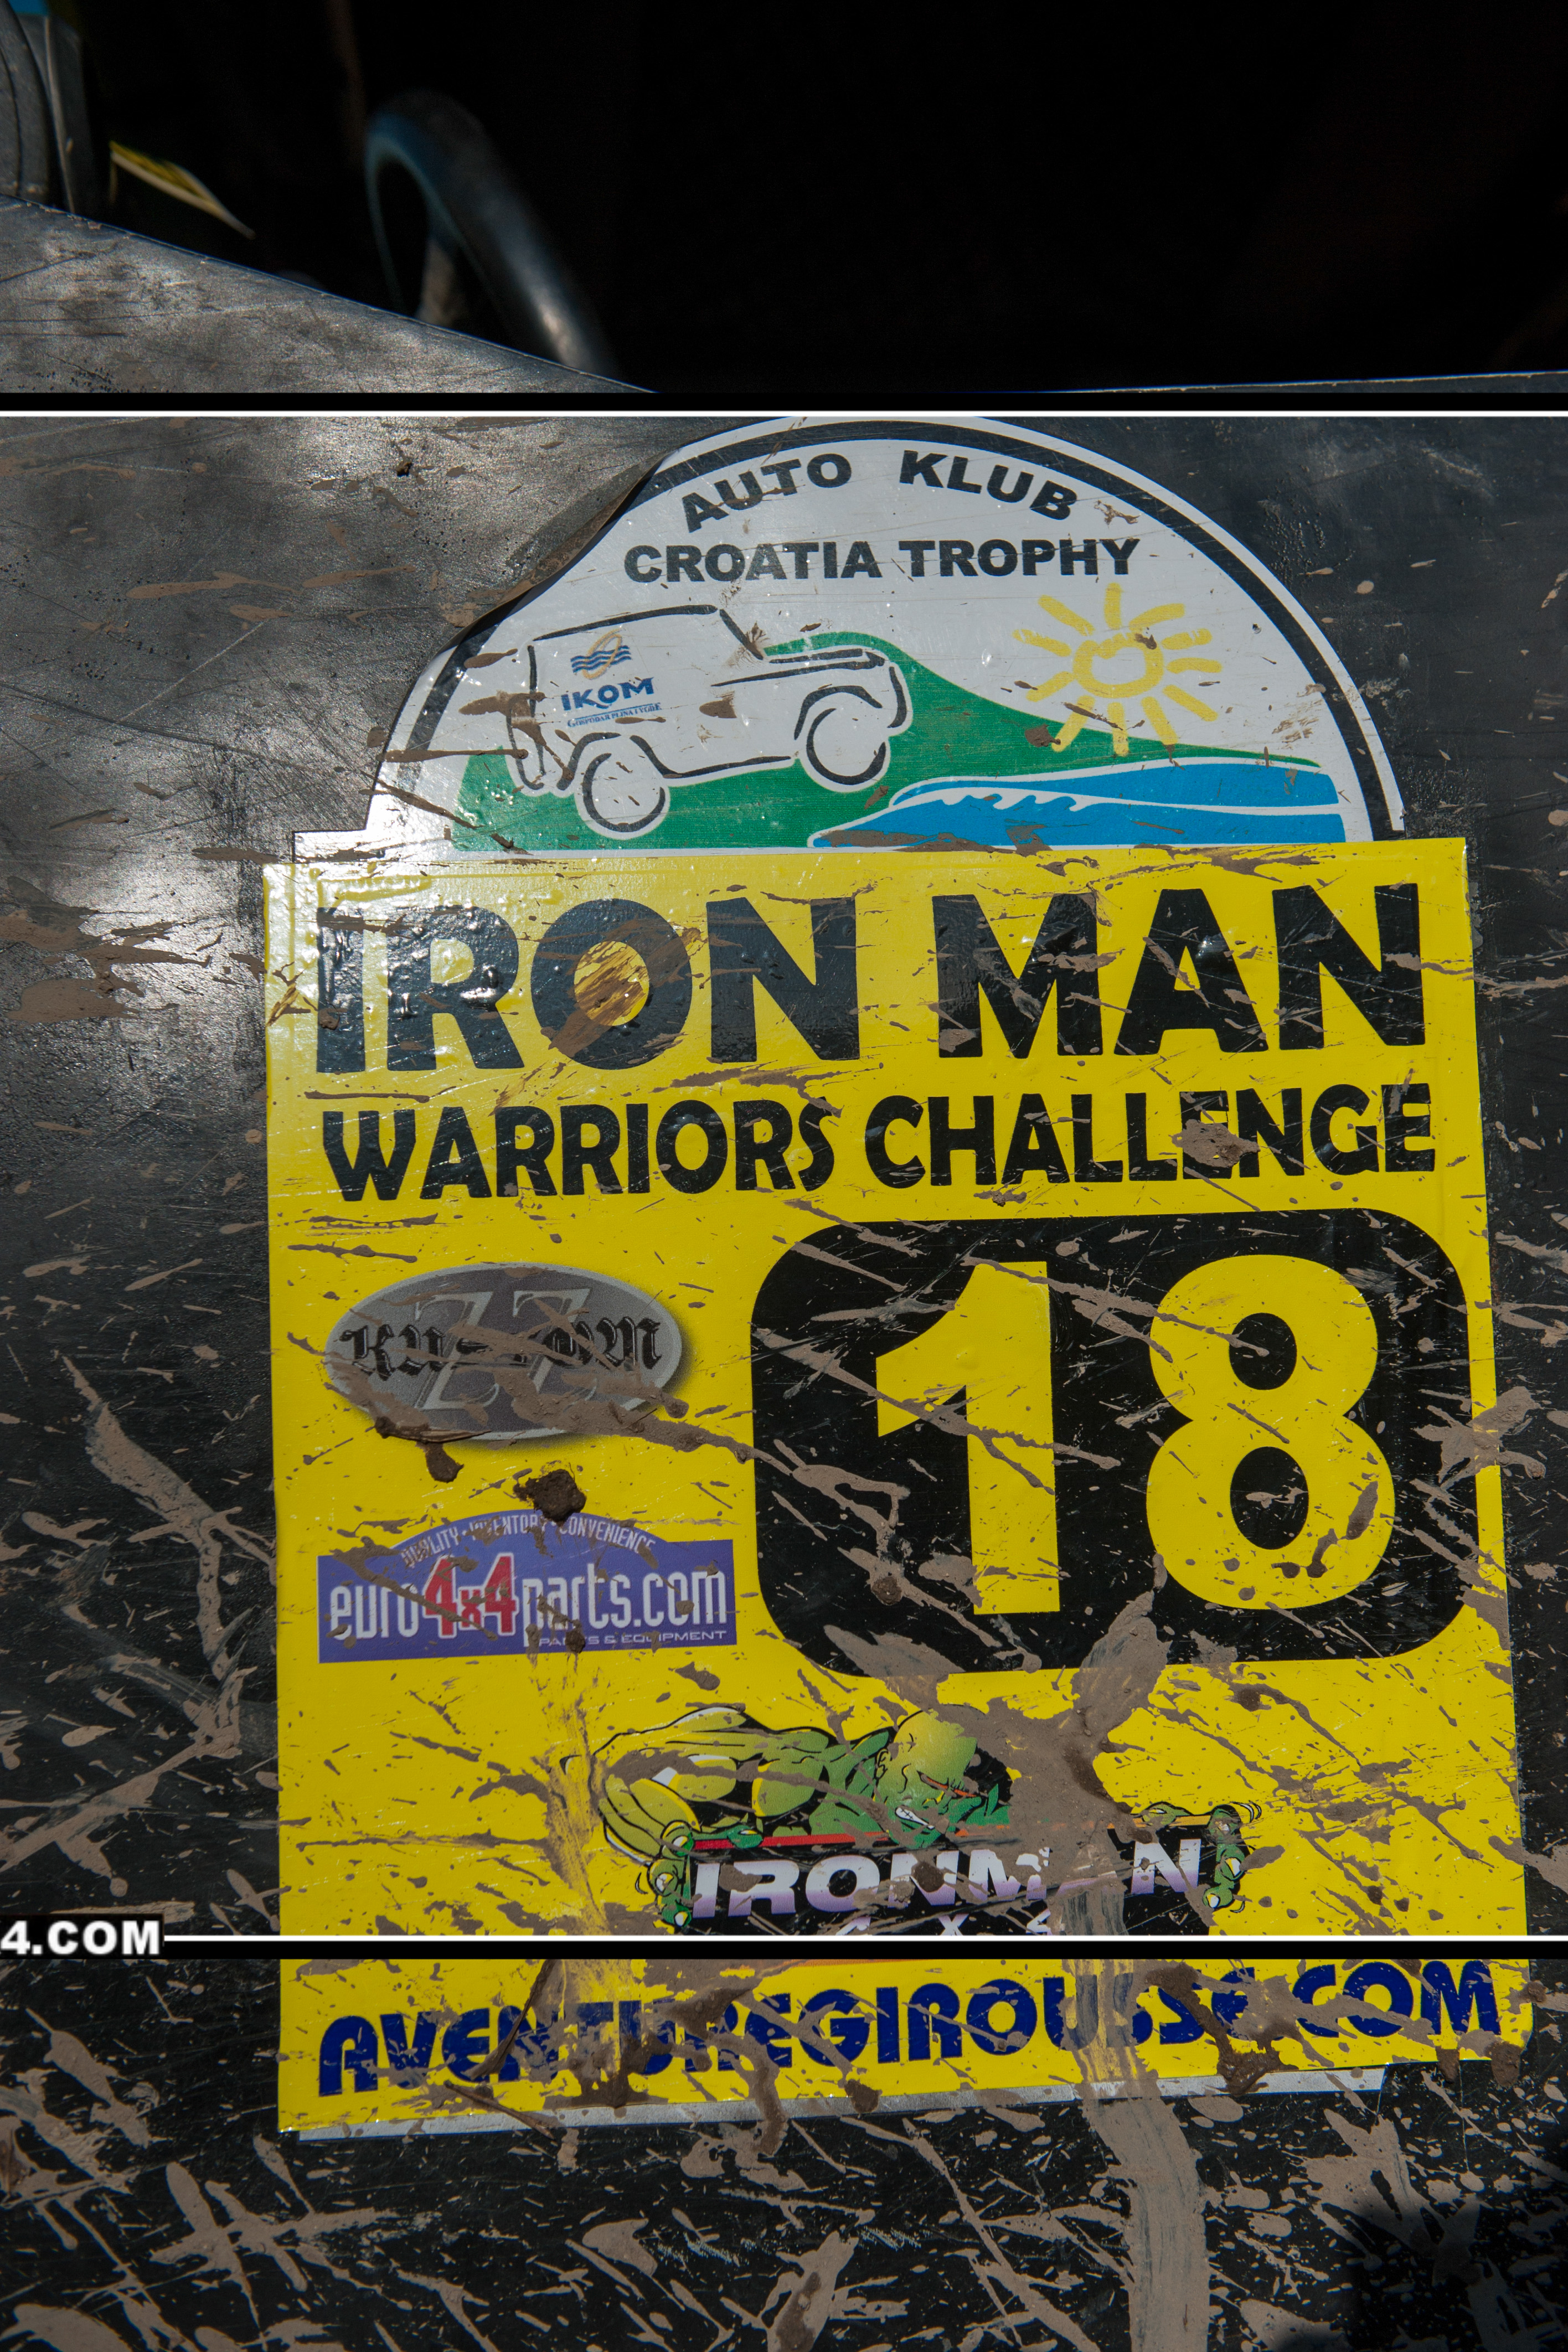 xtrem-challenge-inronman-warriors-4373.jpg